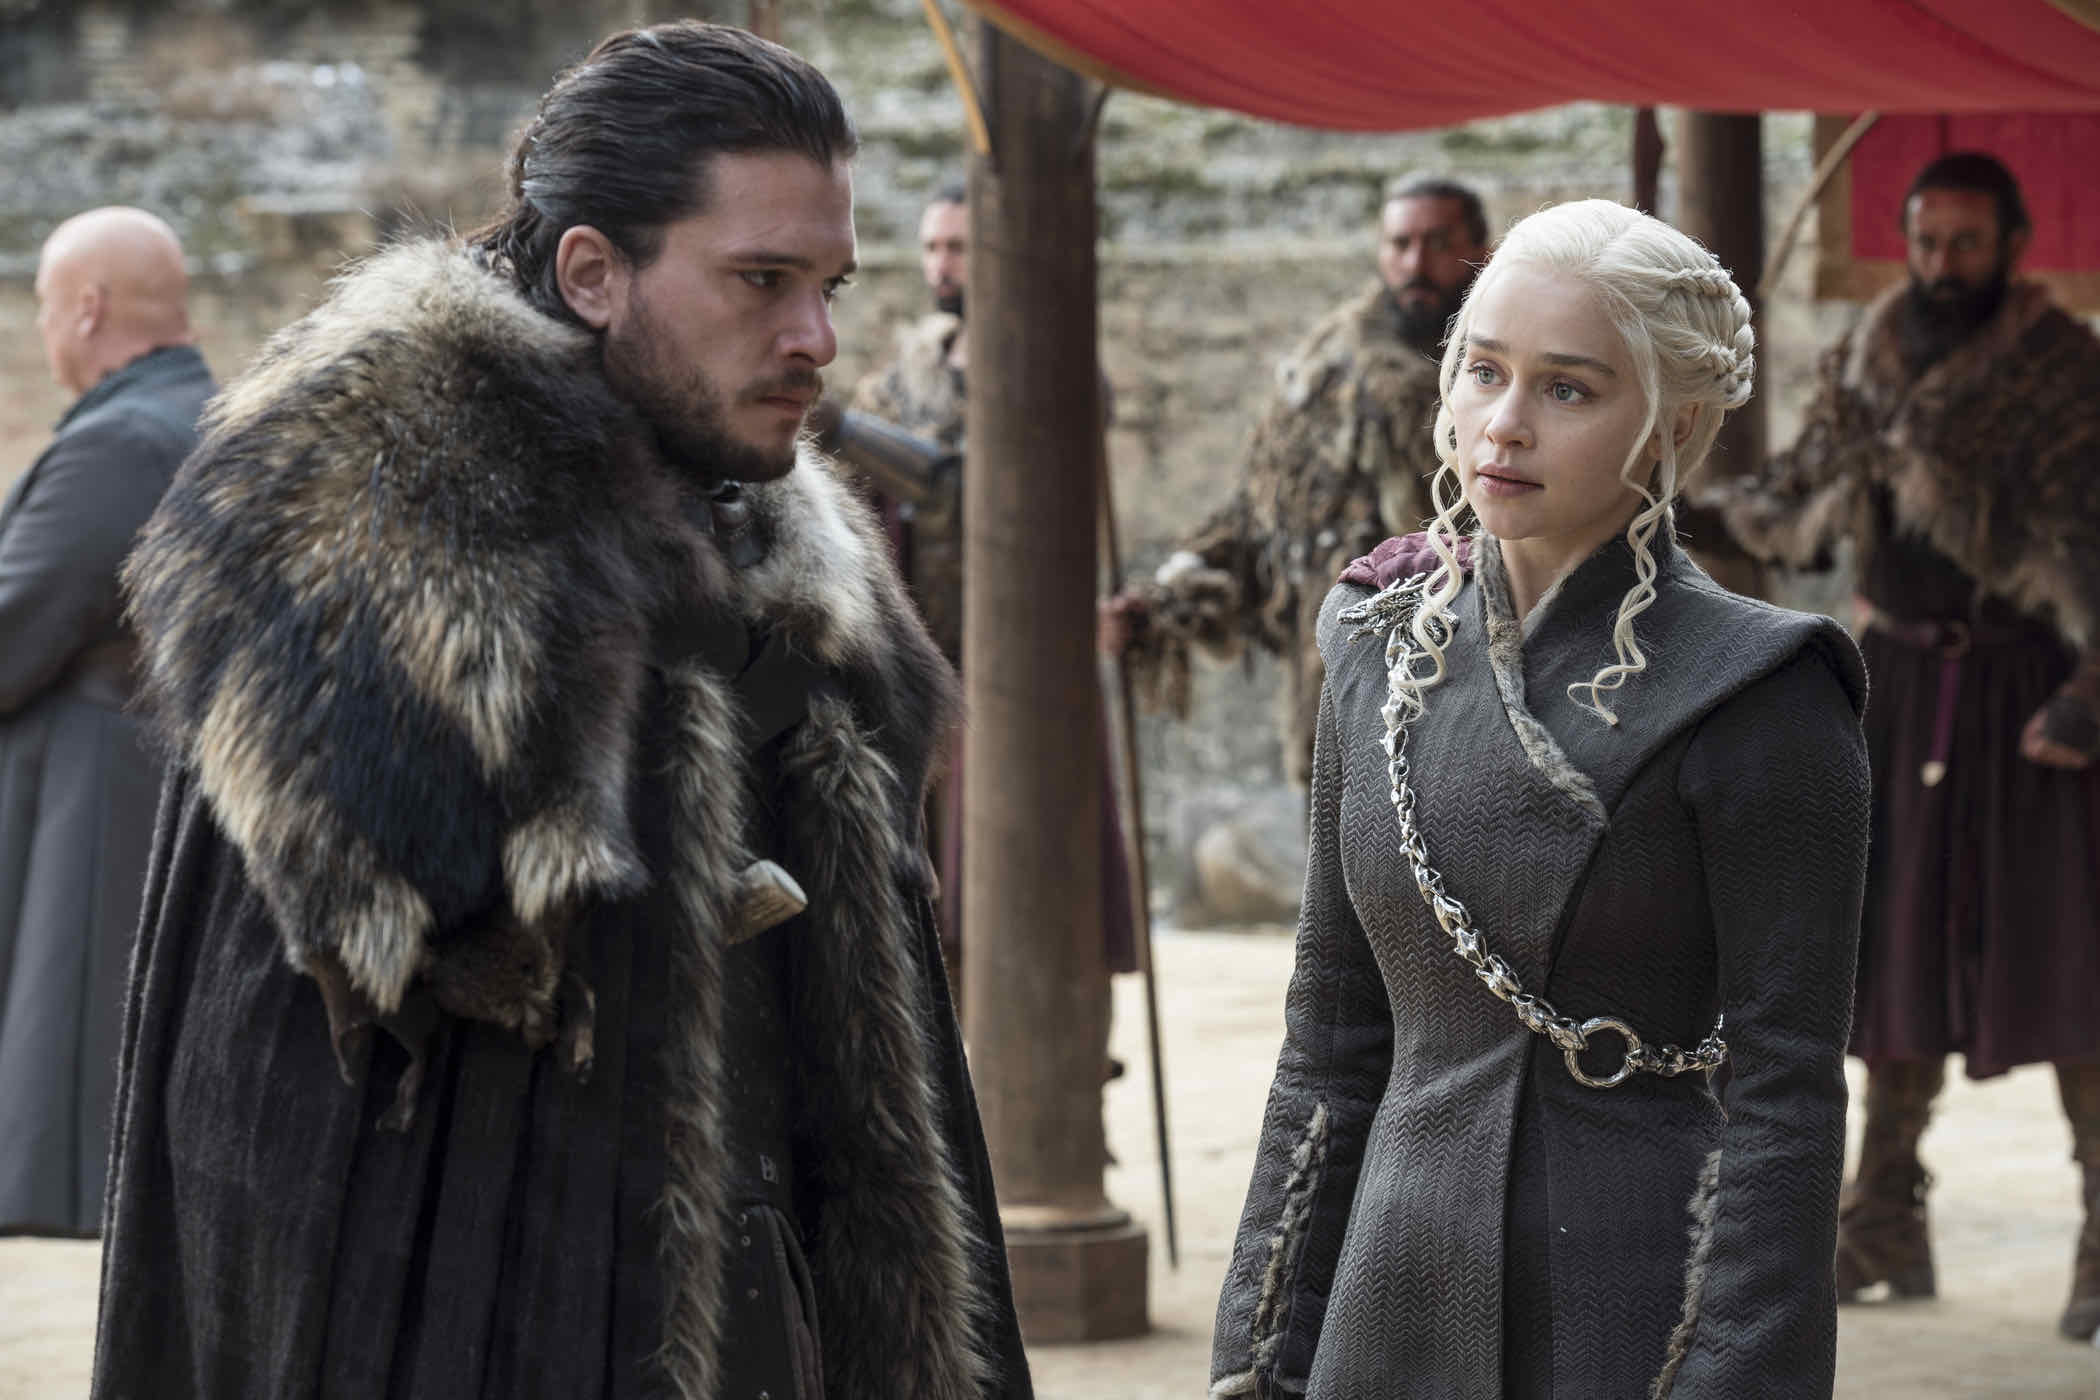 کمتر از 50 روز تا تاریخ پخش فصل پایانی Game of Thrones